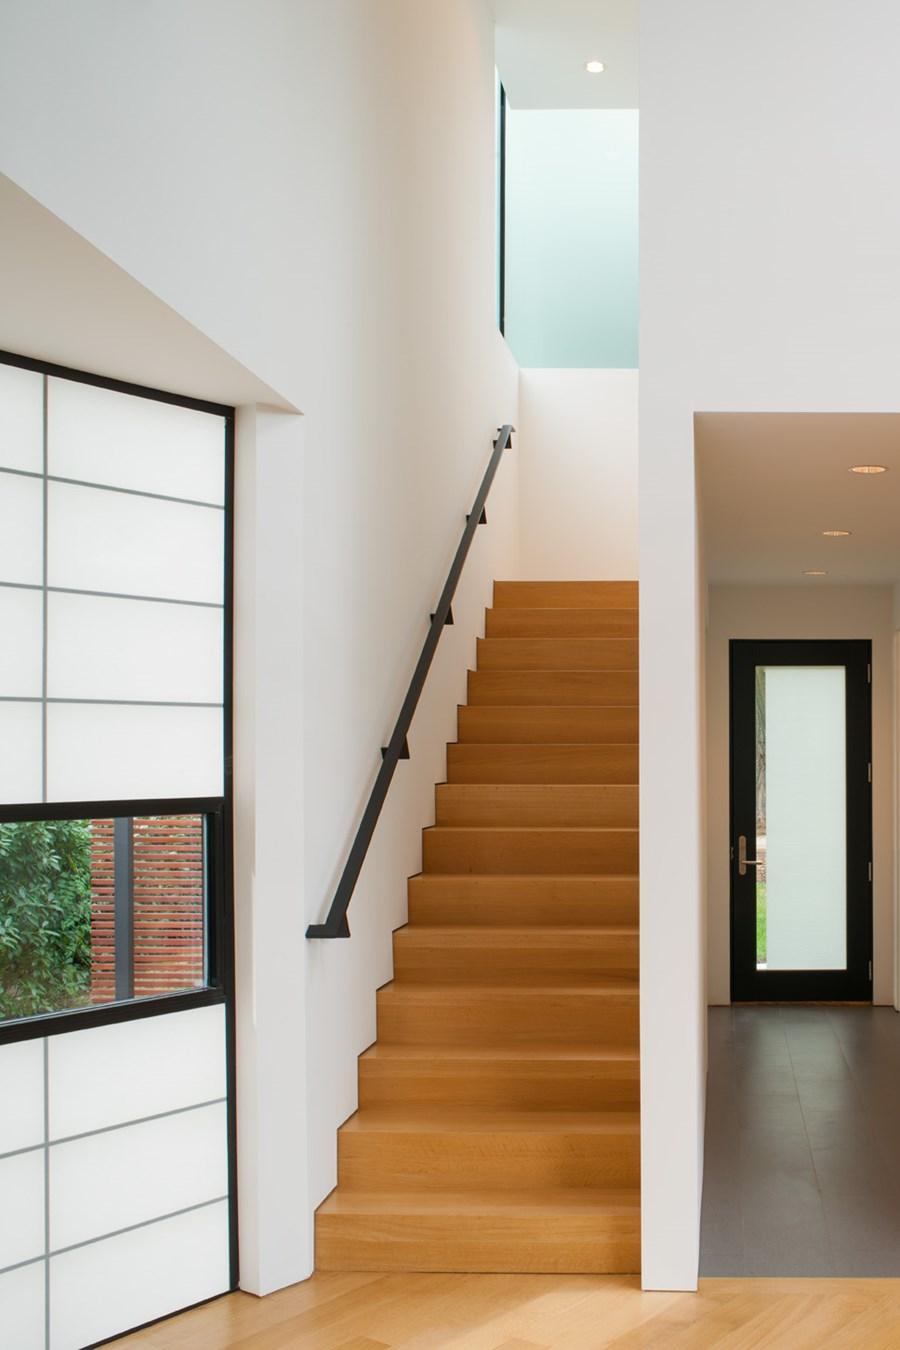 Komai by Robert M. Gurney, FAIA  Architect 09